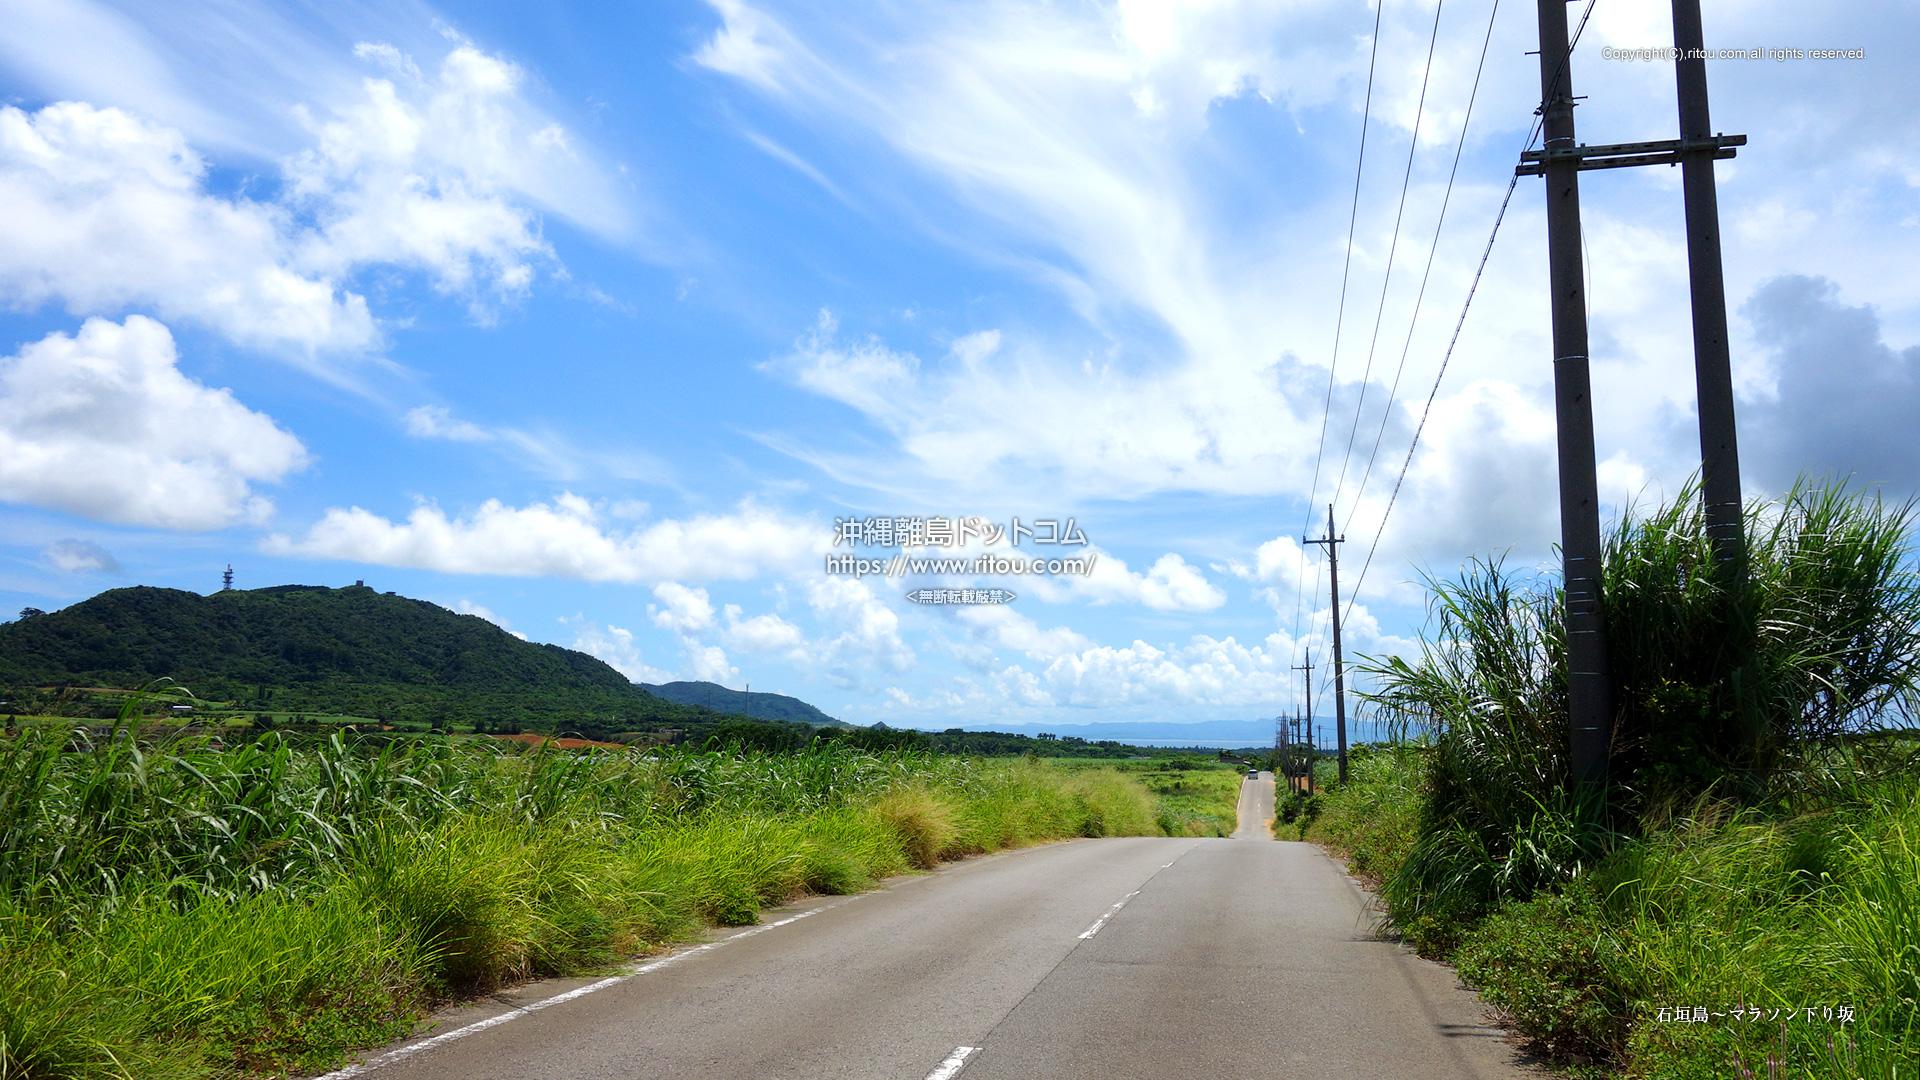 石垣島〜マラソン下り坂